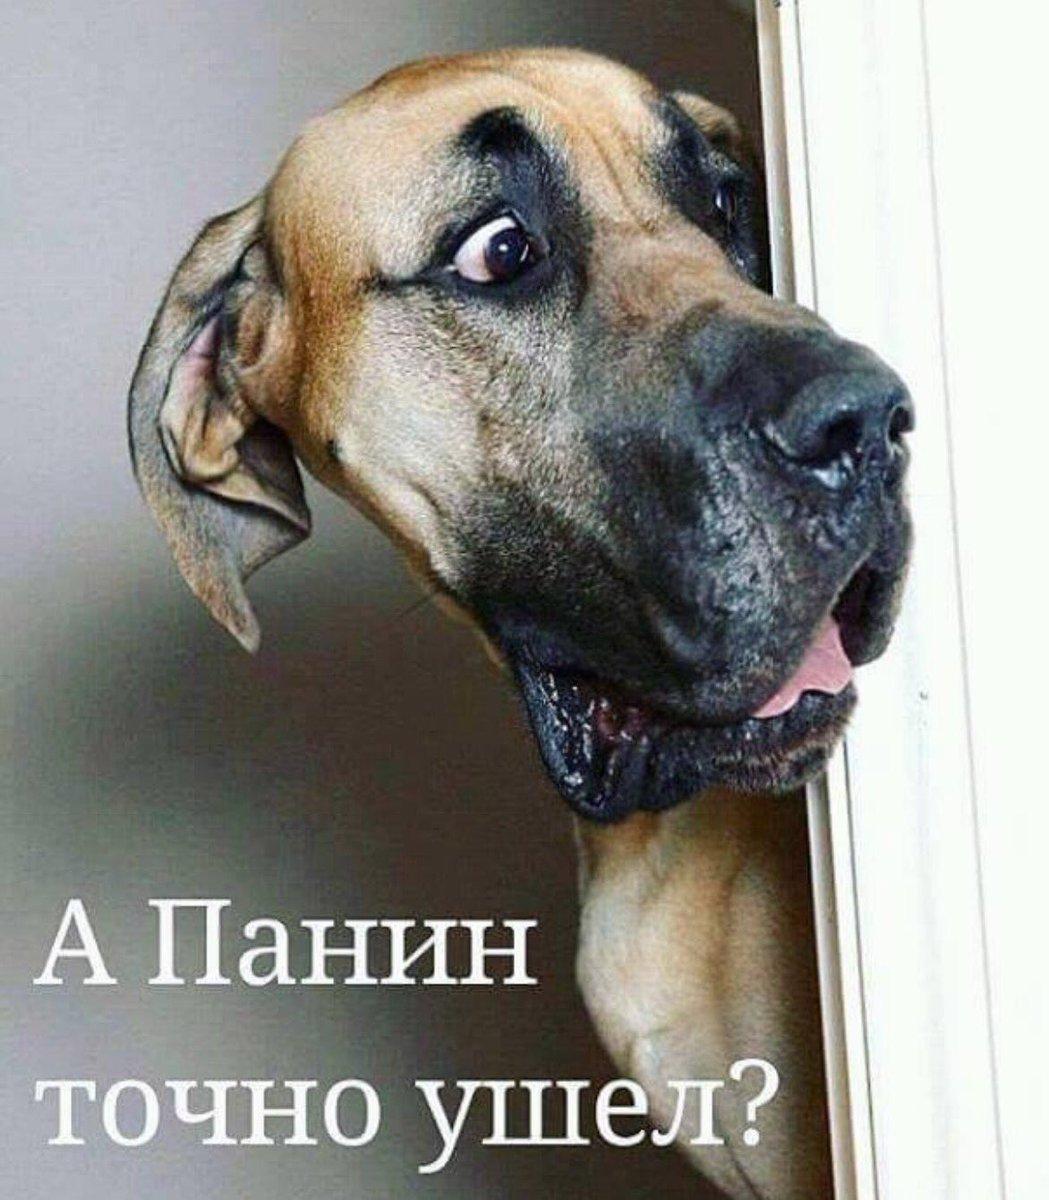 Вынесение приговора РФ Карпюку и Клыху - очередное судилище, - МИД - Цензор.НЕТ 9890